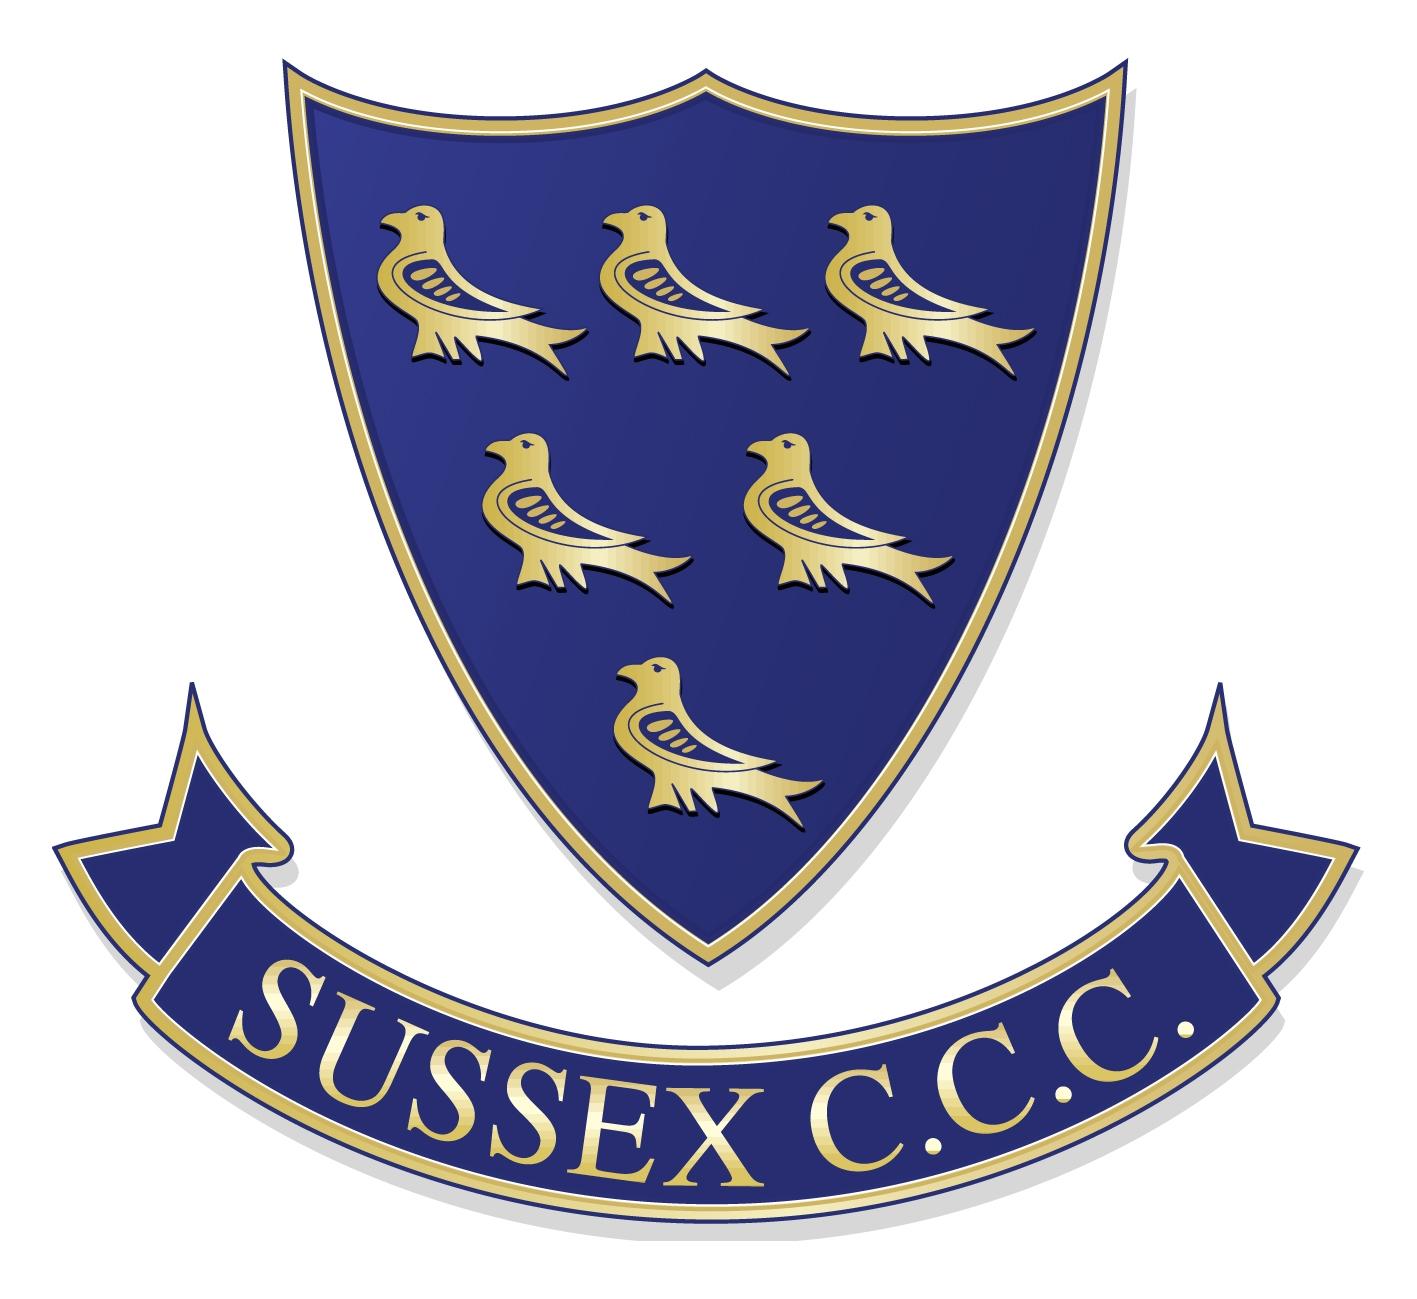 Sussex CCC